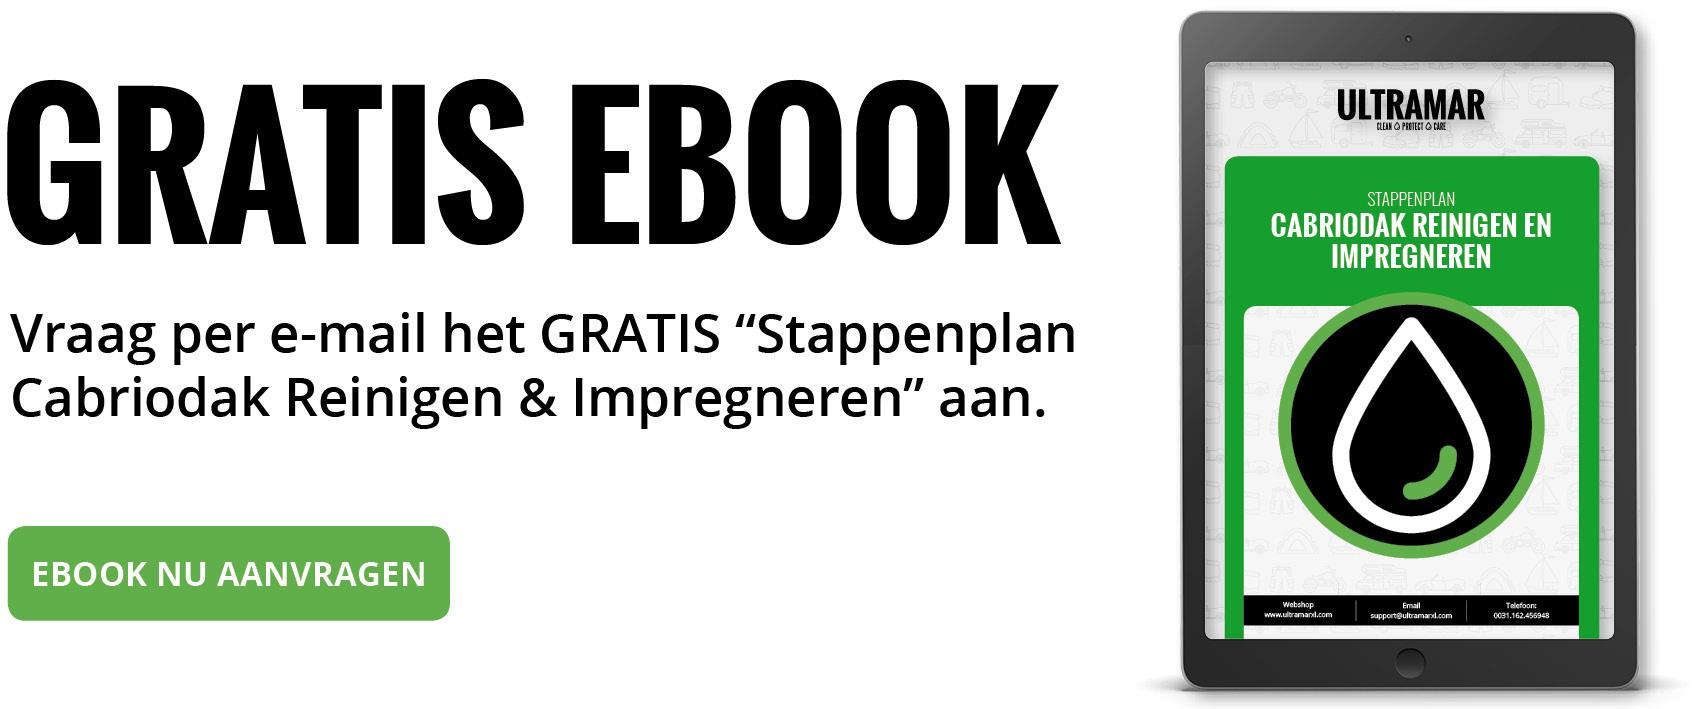 Ebook aanvragen